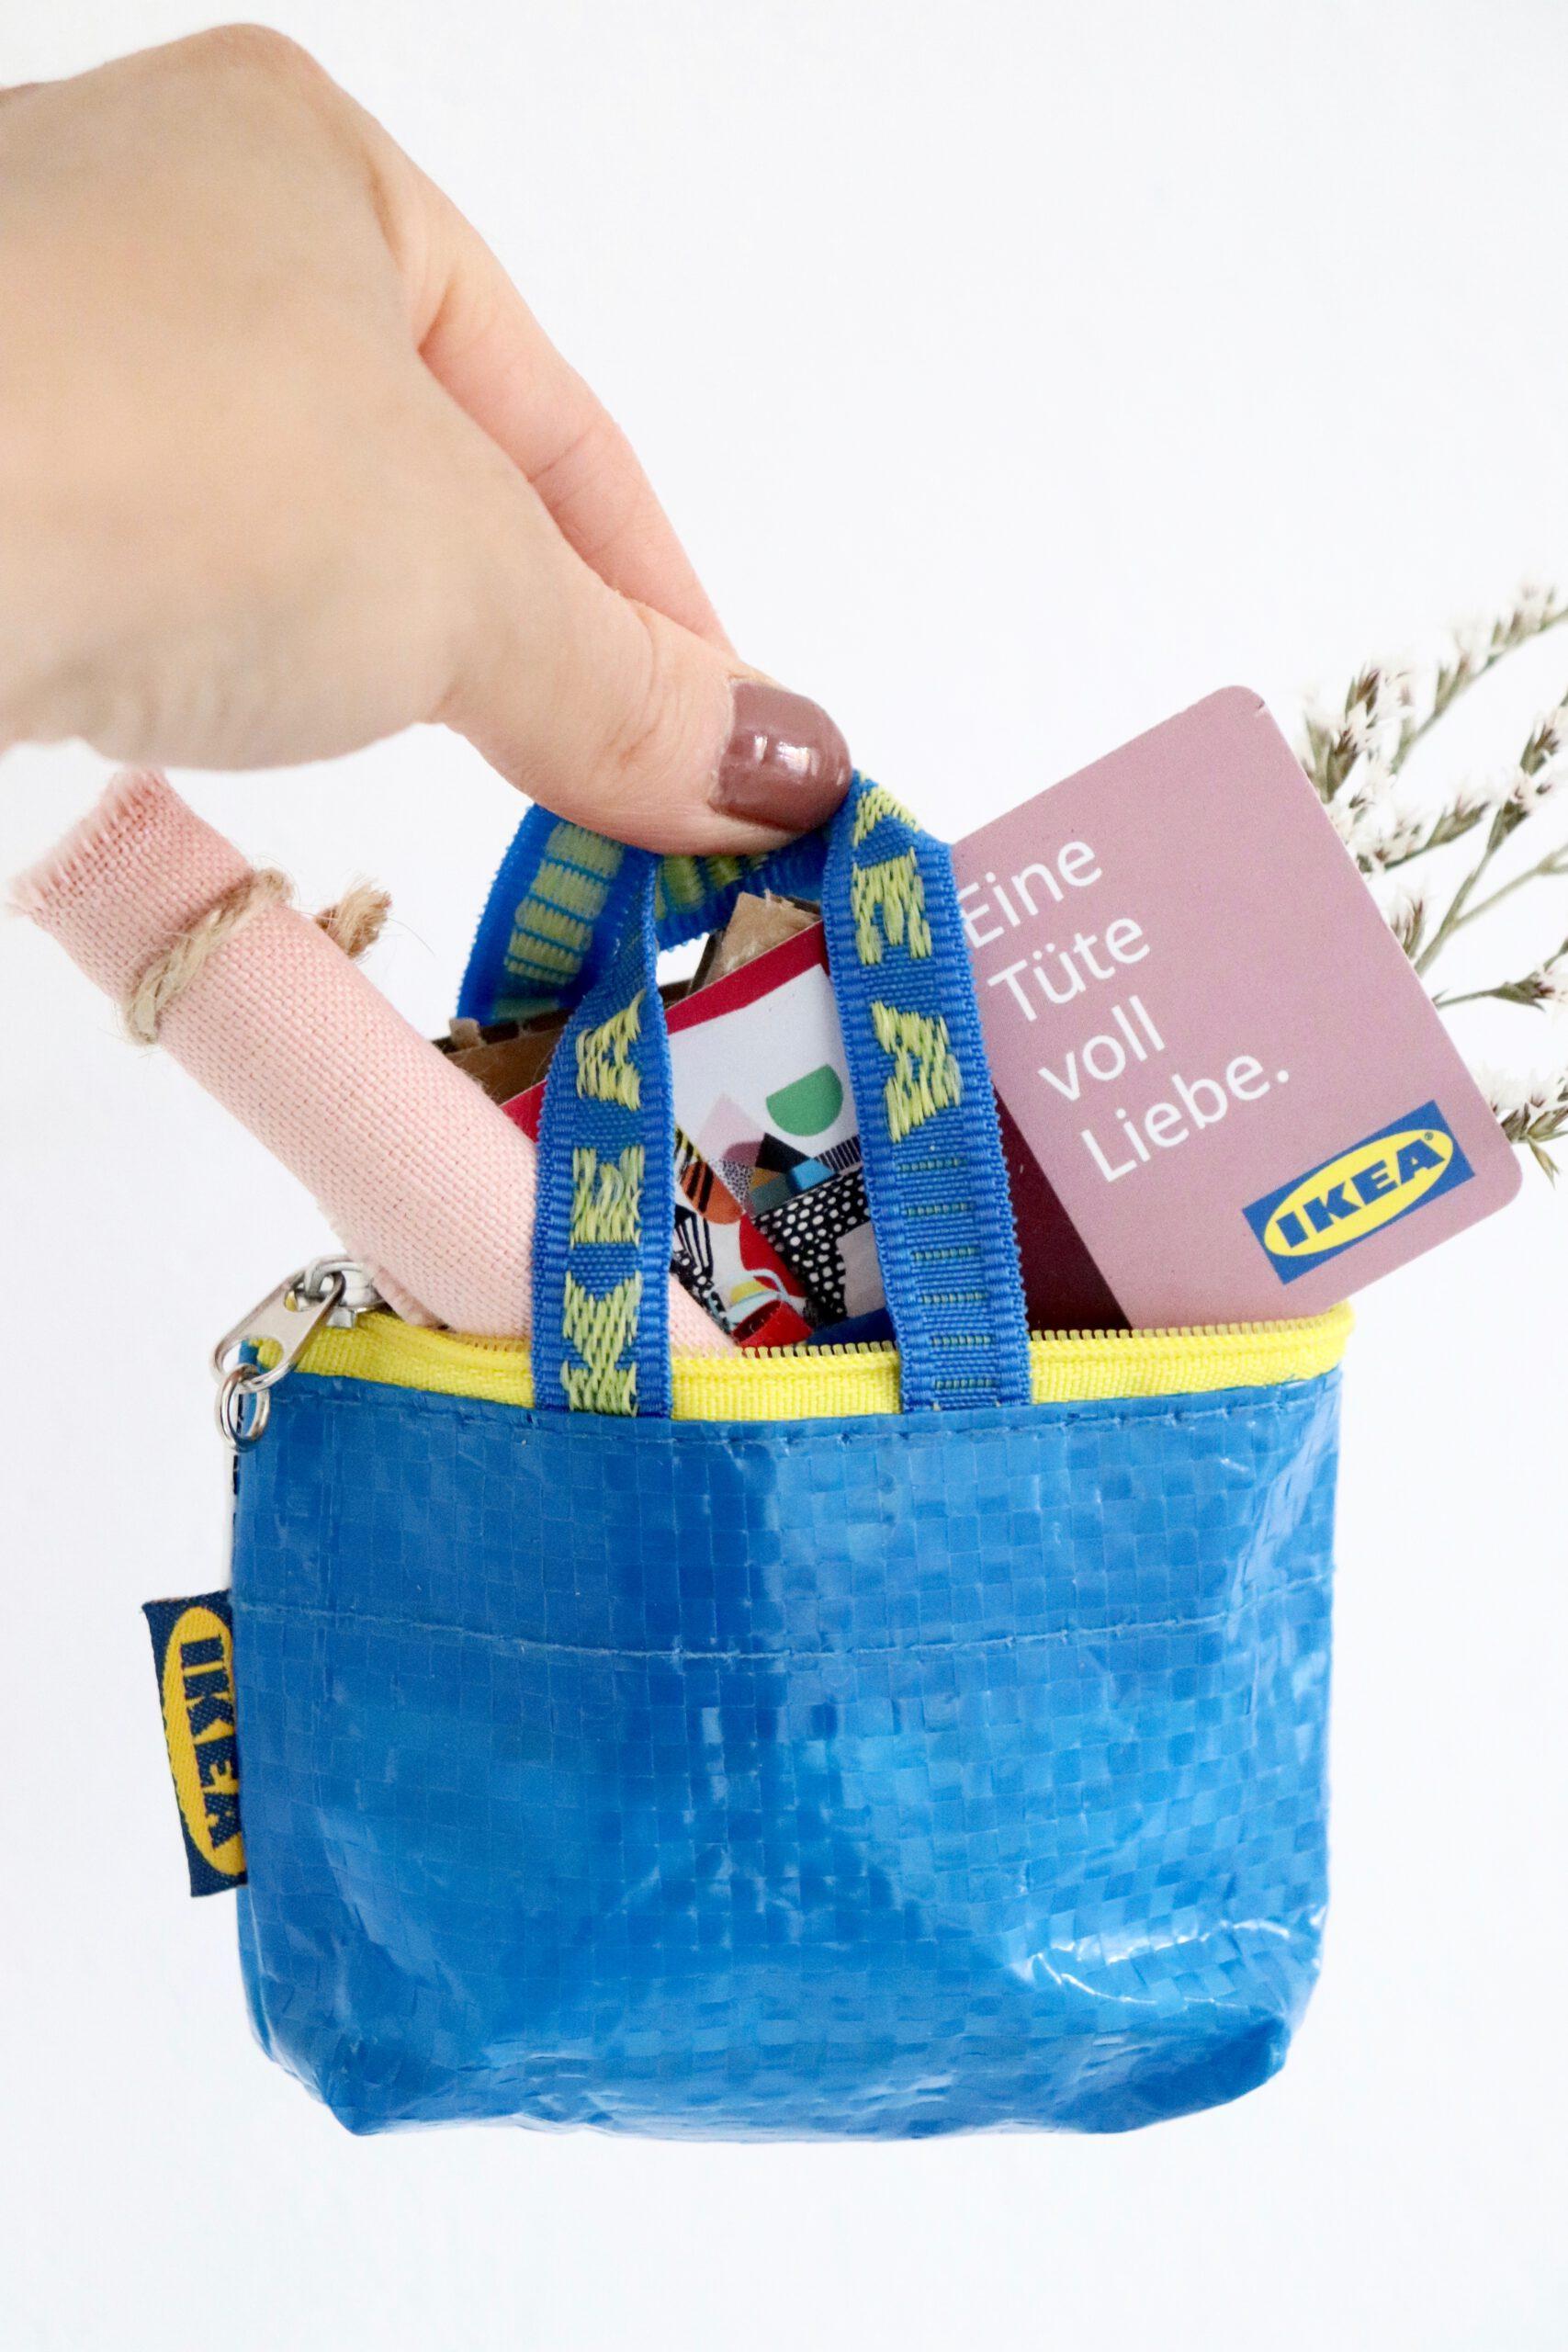 IKEA Gutschein Verpackungsidee Teil 2